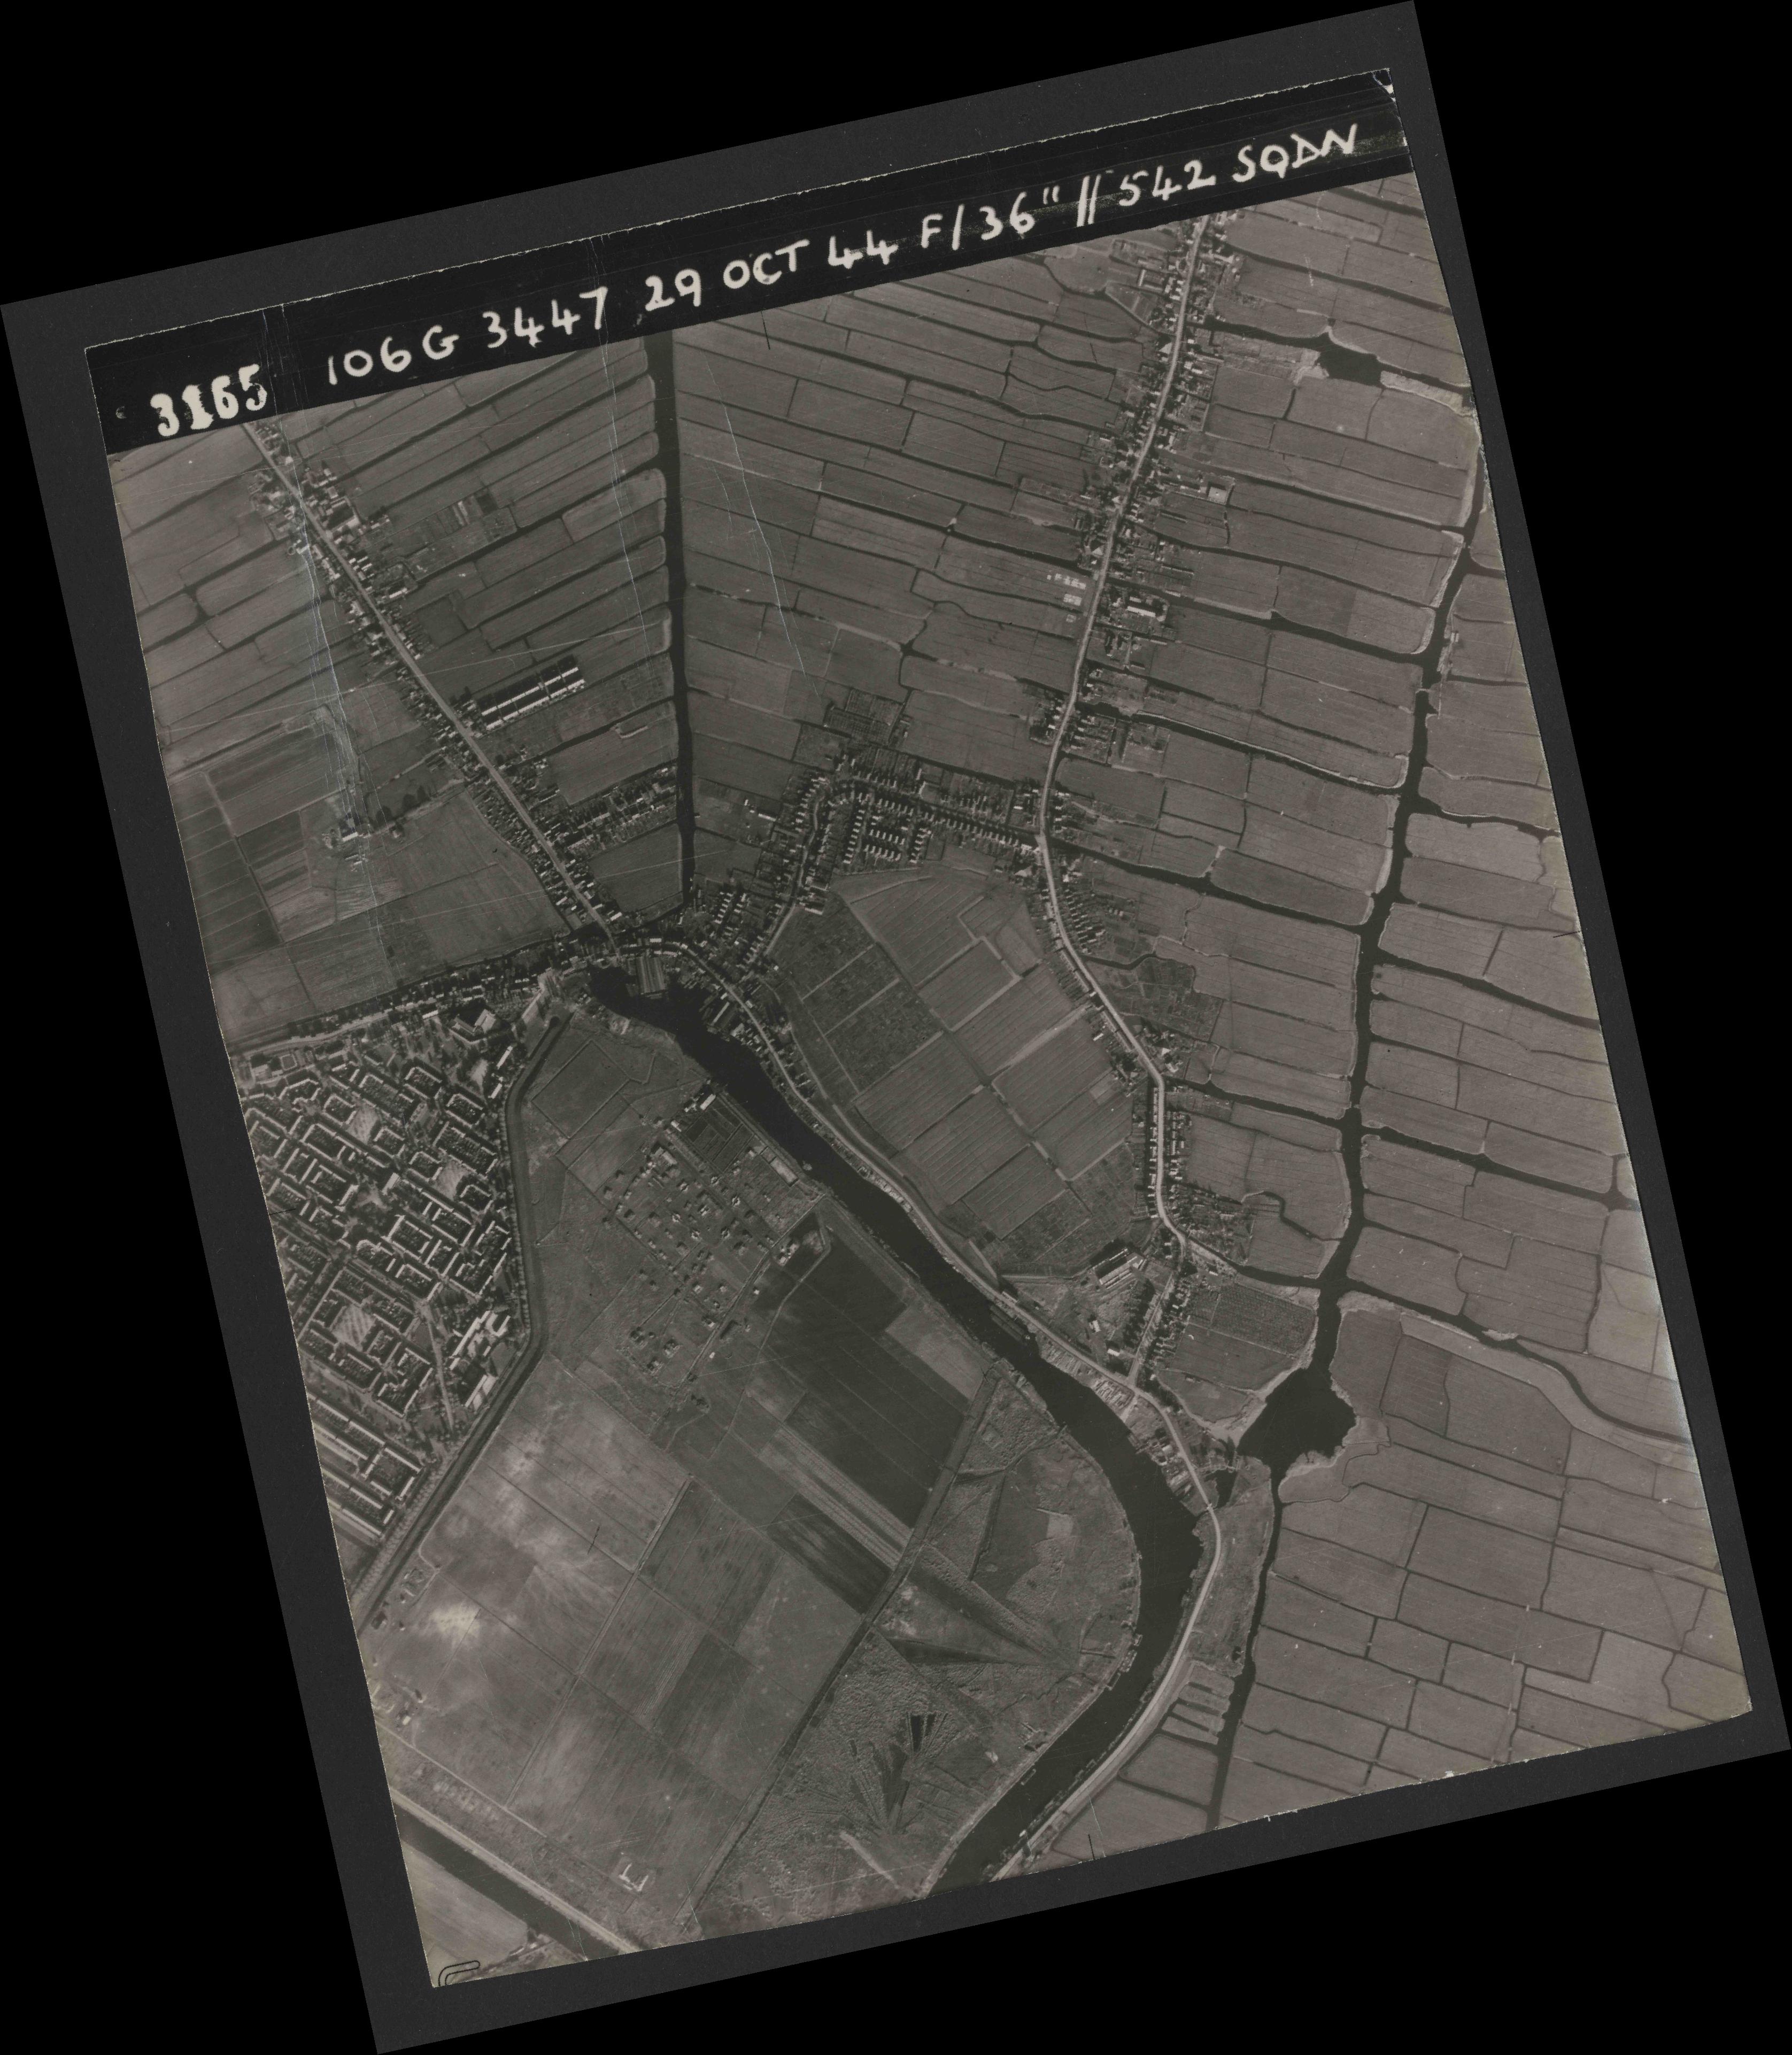 Collection RAF aerial photos 1940-1945 - flight 236, run 05, photo 3165